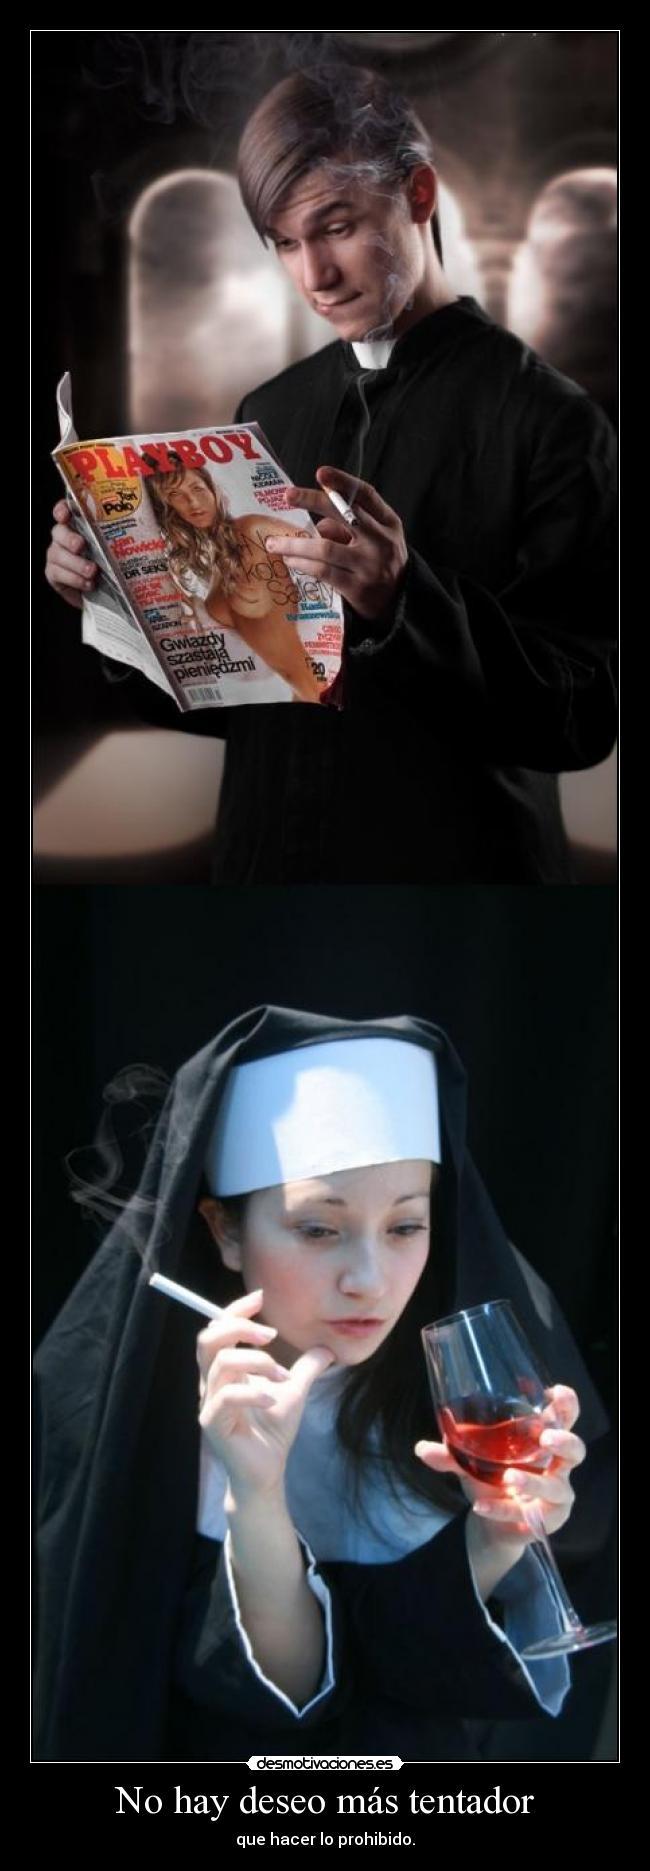 carteles descripcion dicha hasta saciedad pero las fotos son graciosas tentacion prohibido deseo desmotivaciones